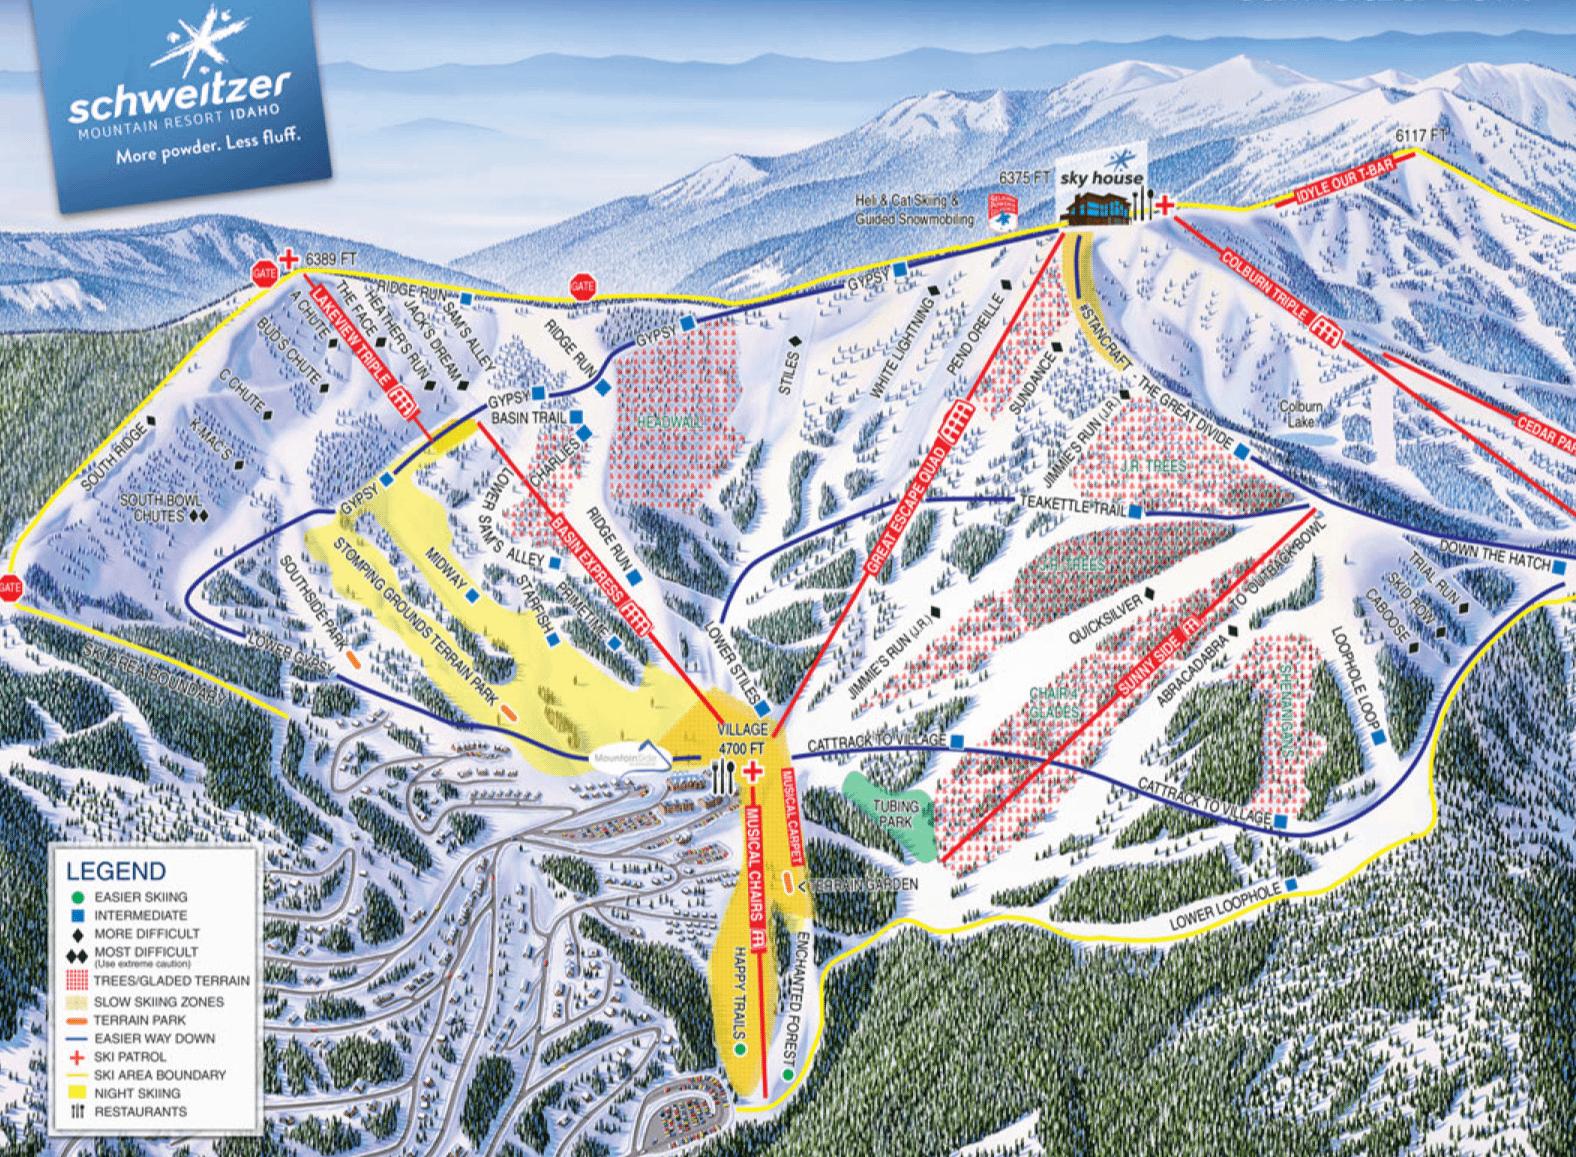 Schweitzer trail map, Idaho